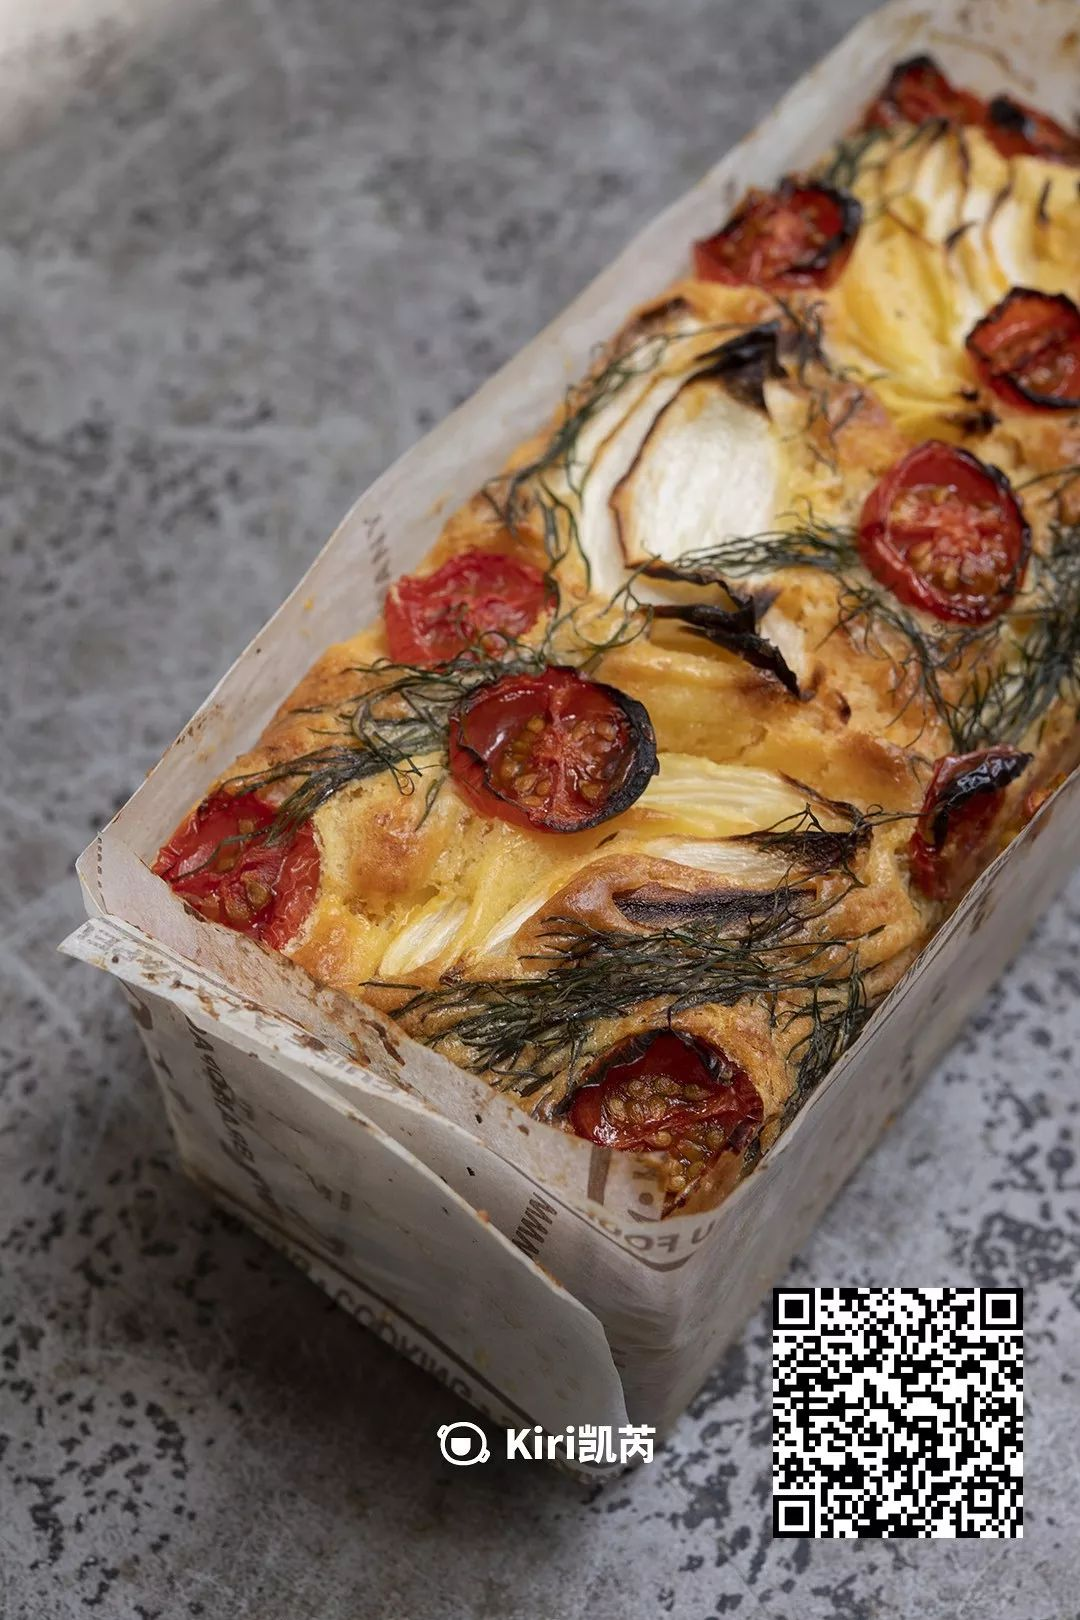 课堂丨小嶋留味亲授三文鱼奶酪磅蛋糕,风味独特,细密咸香!